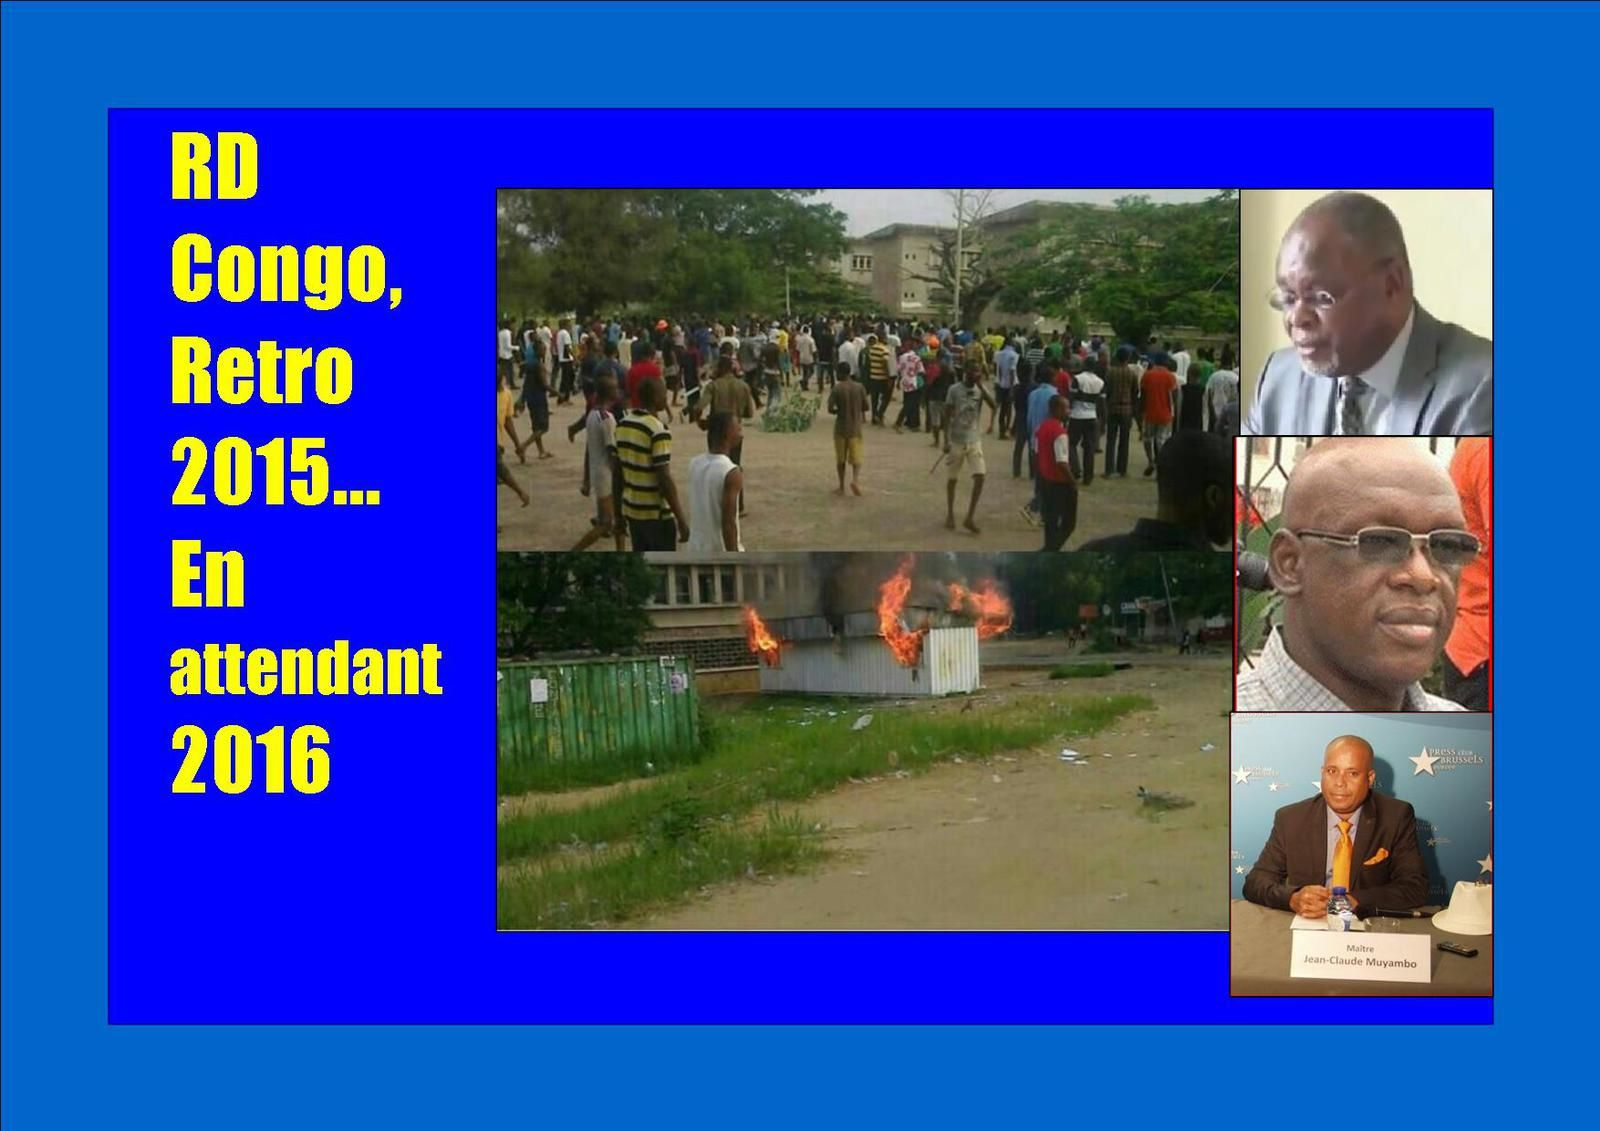 En attendant 2016, rétro 2015